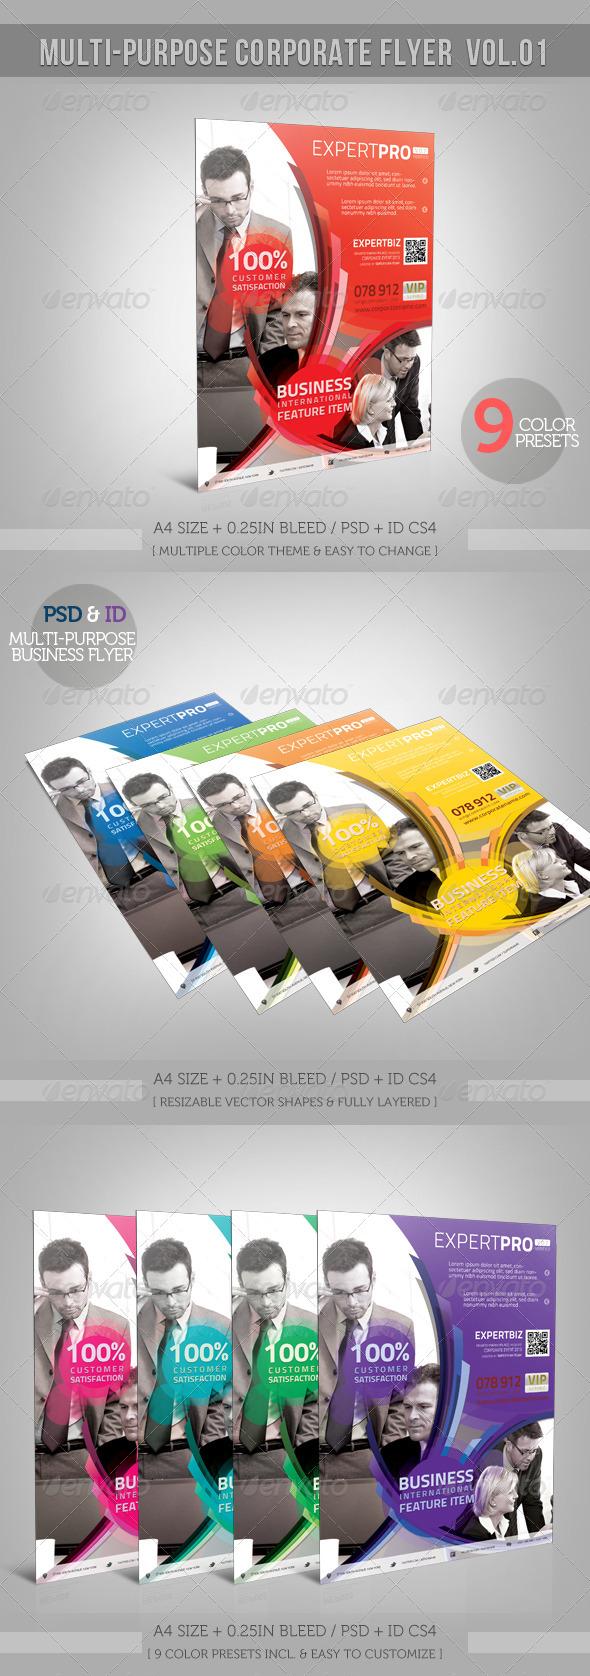 GraphicRiver Multipurpose Corporate Flyer 01 4112806